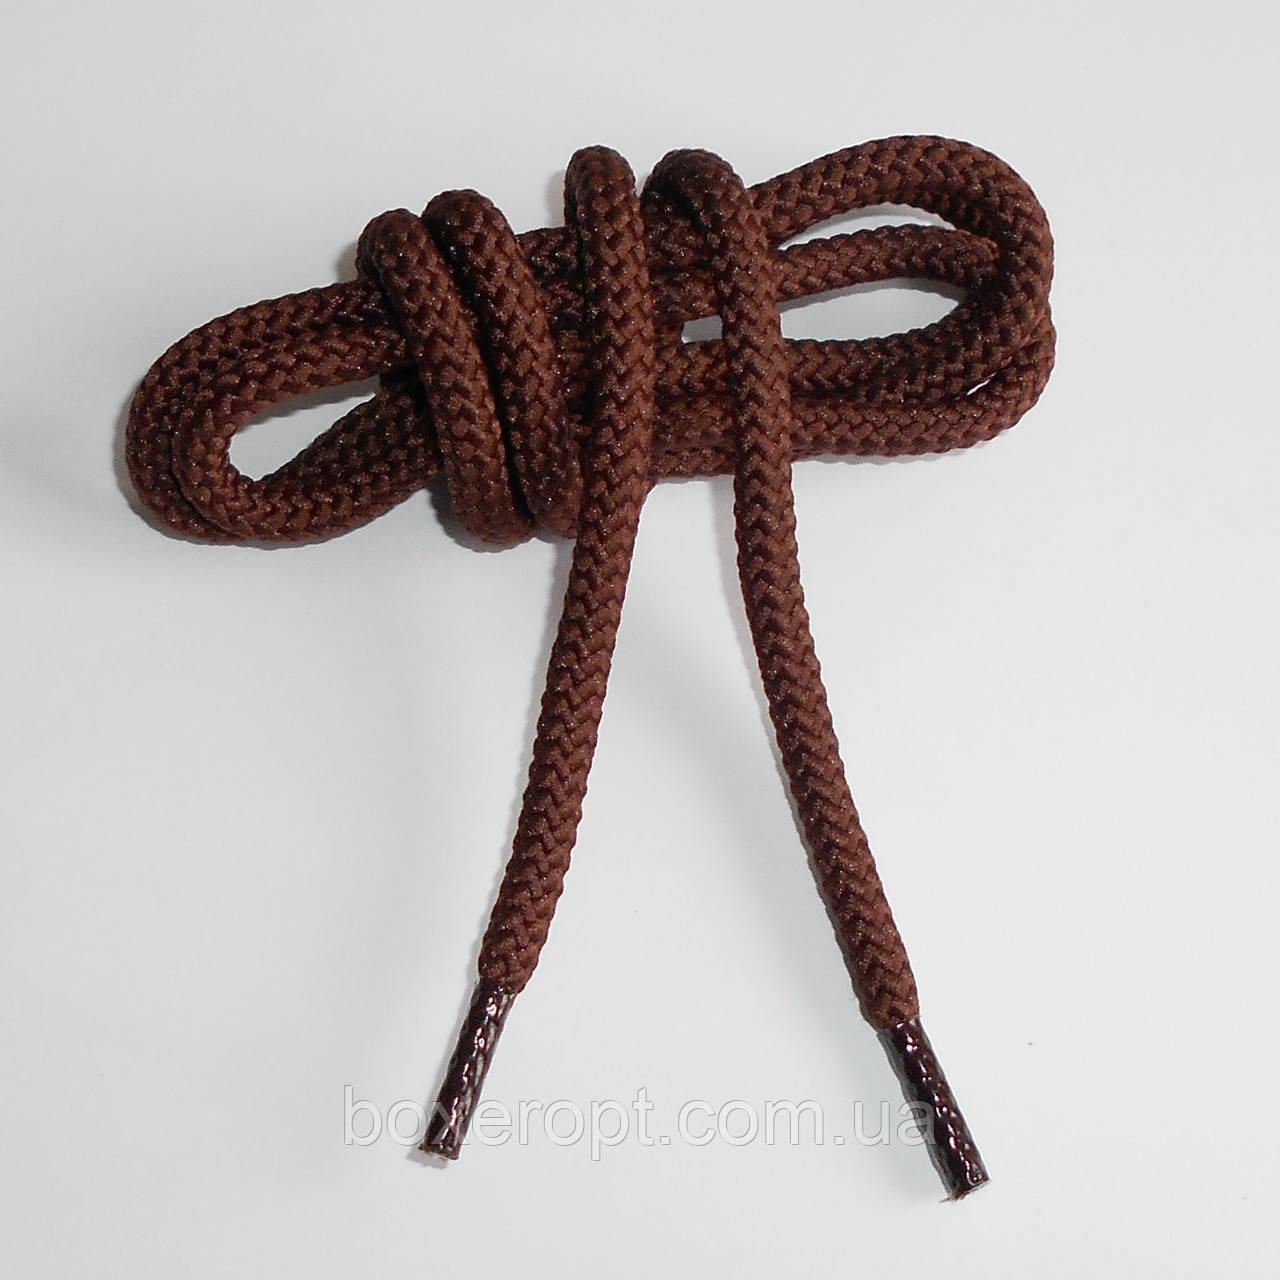 Шнурки обувные полиэфирные. Круглые, 1 м. (коричневые)